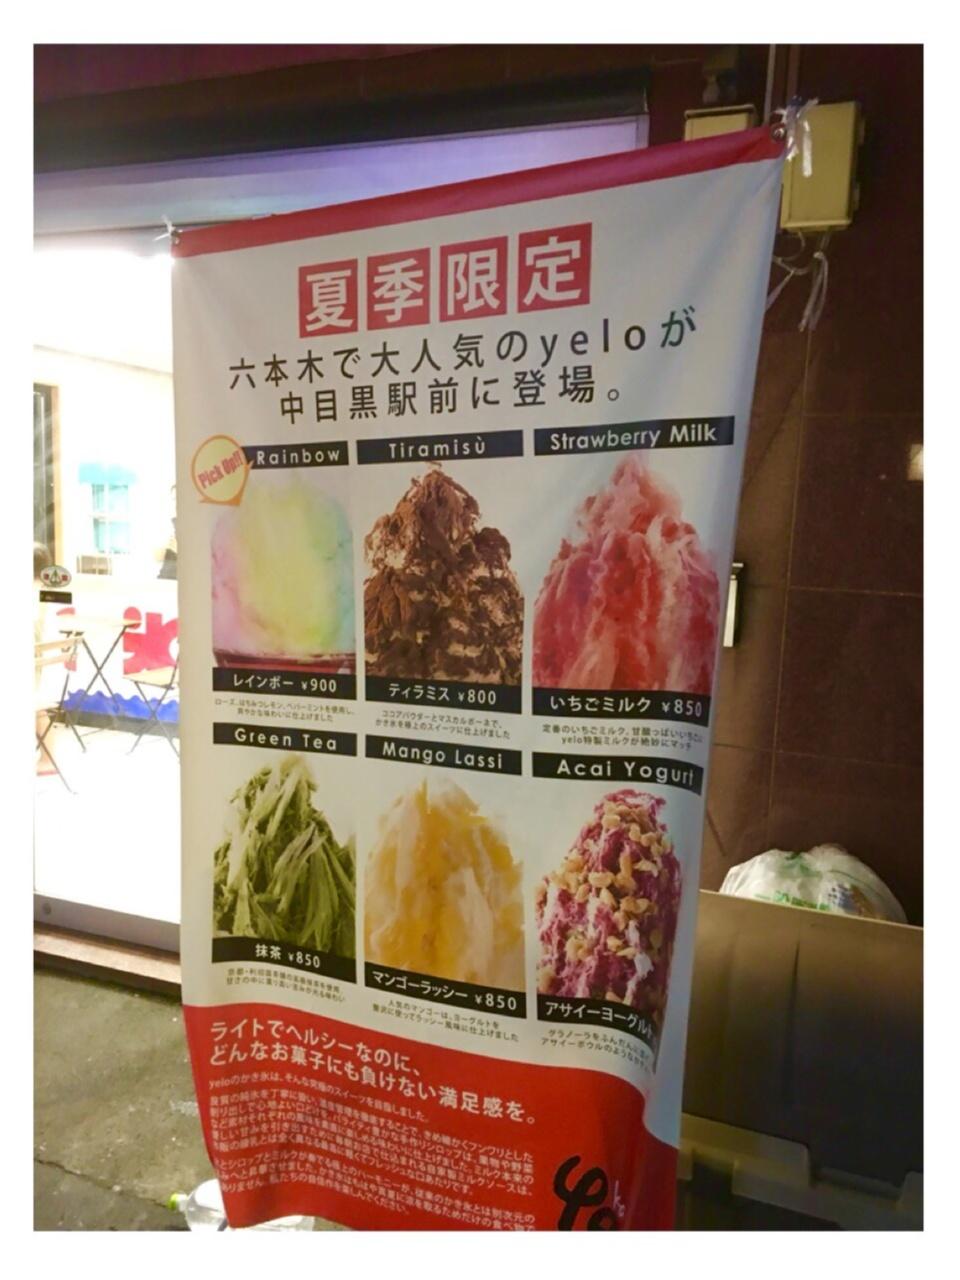 ♡人気カキ氷【yelo】並ばずに入れちゃう穴場の店舗を発見!!♡モアハピ◡̈のぞみ♡_1